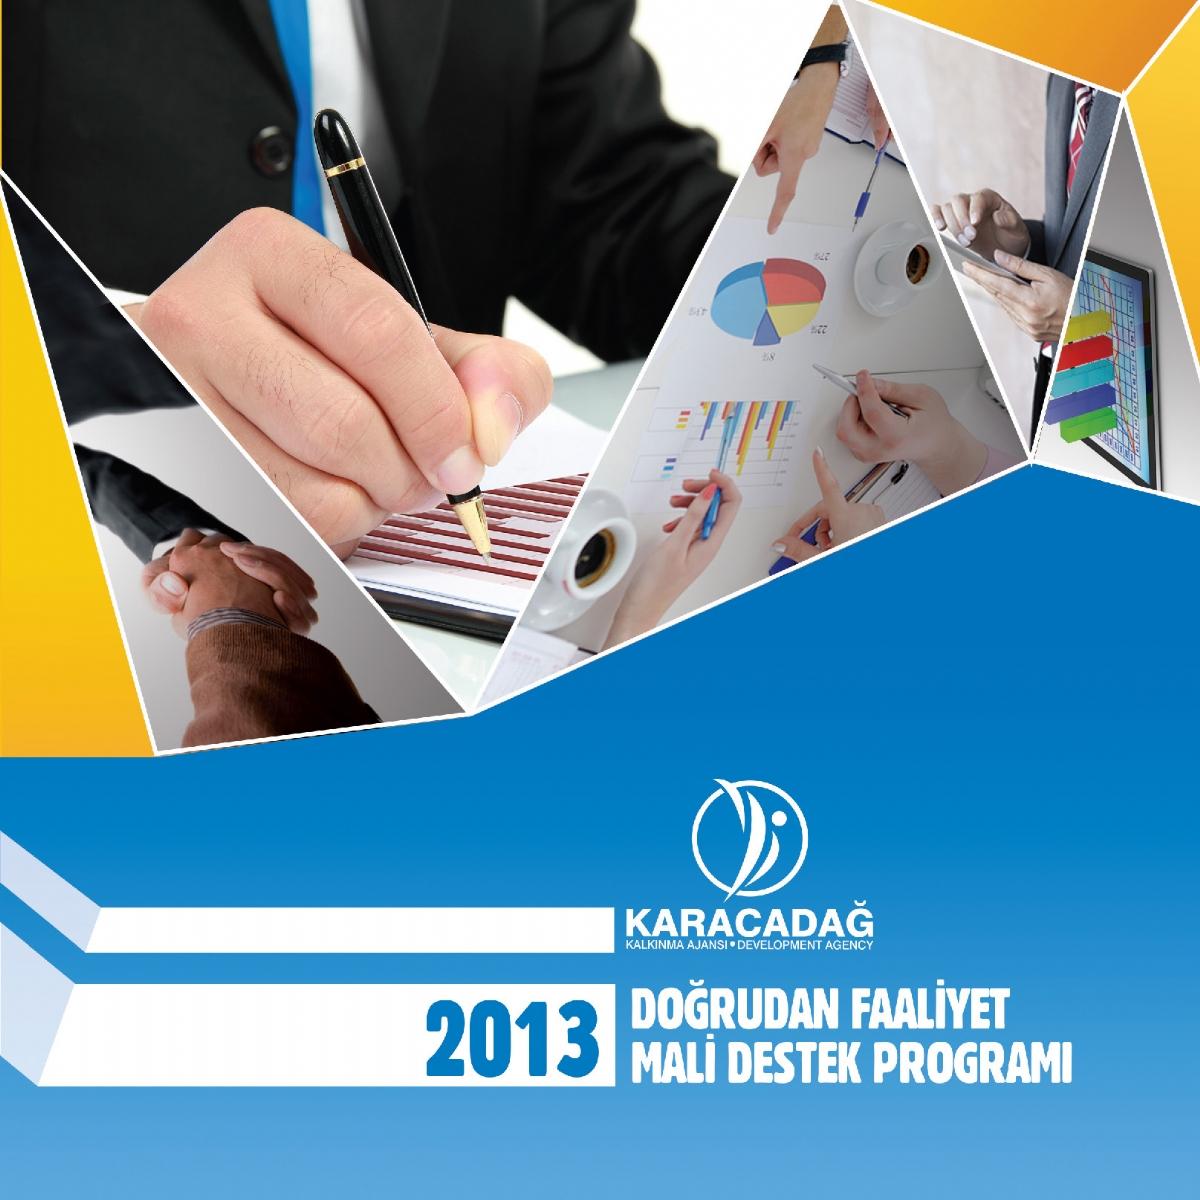 2013 Yılı Doğrudan Faaliyet Mali Destek Programı